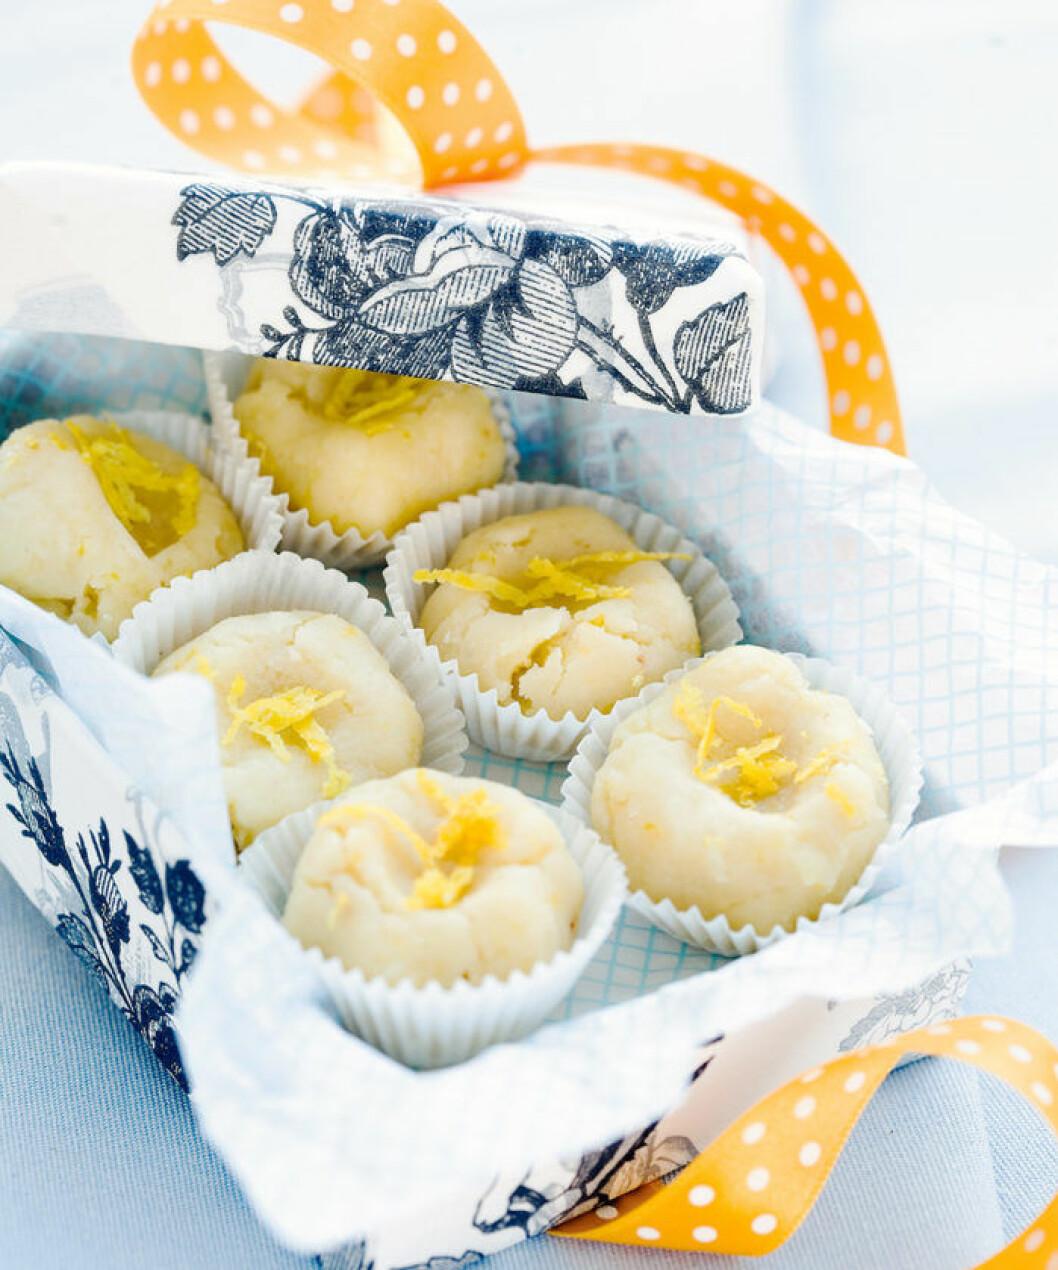 Citronkulor med marsipan och vit choklad.